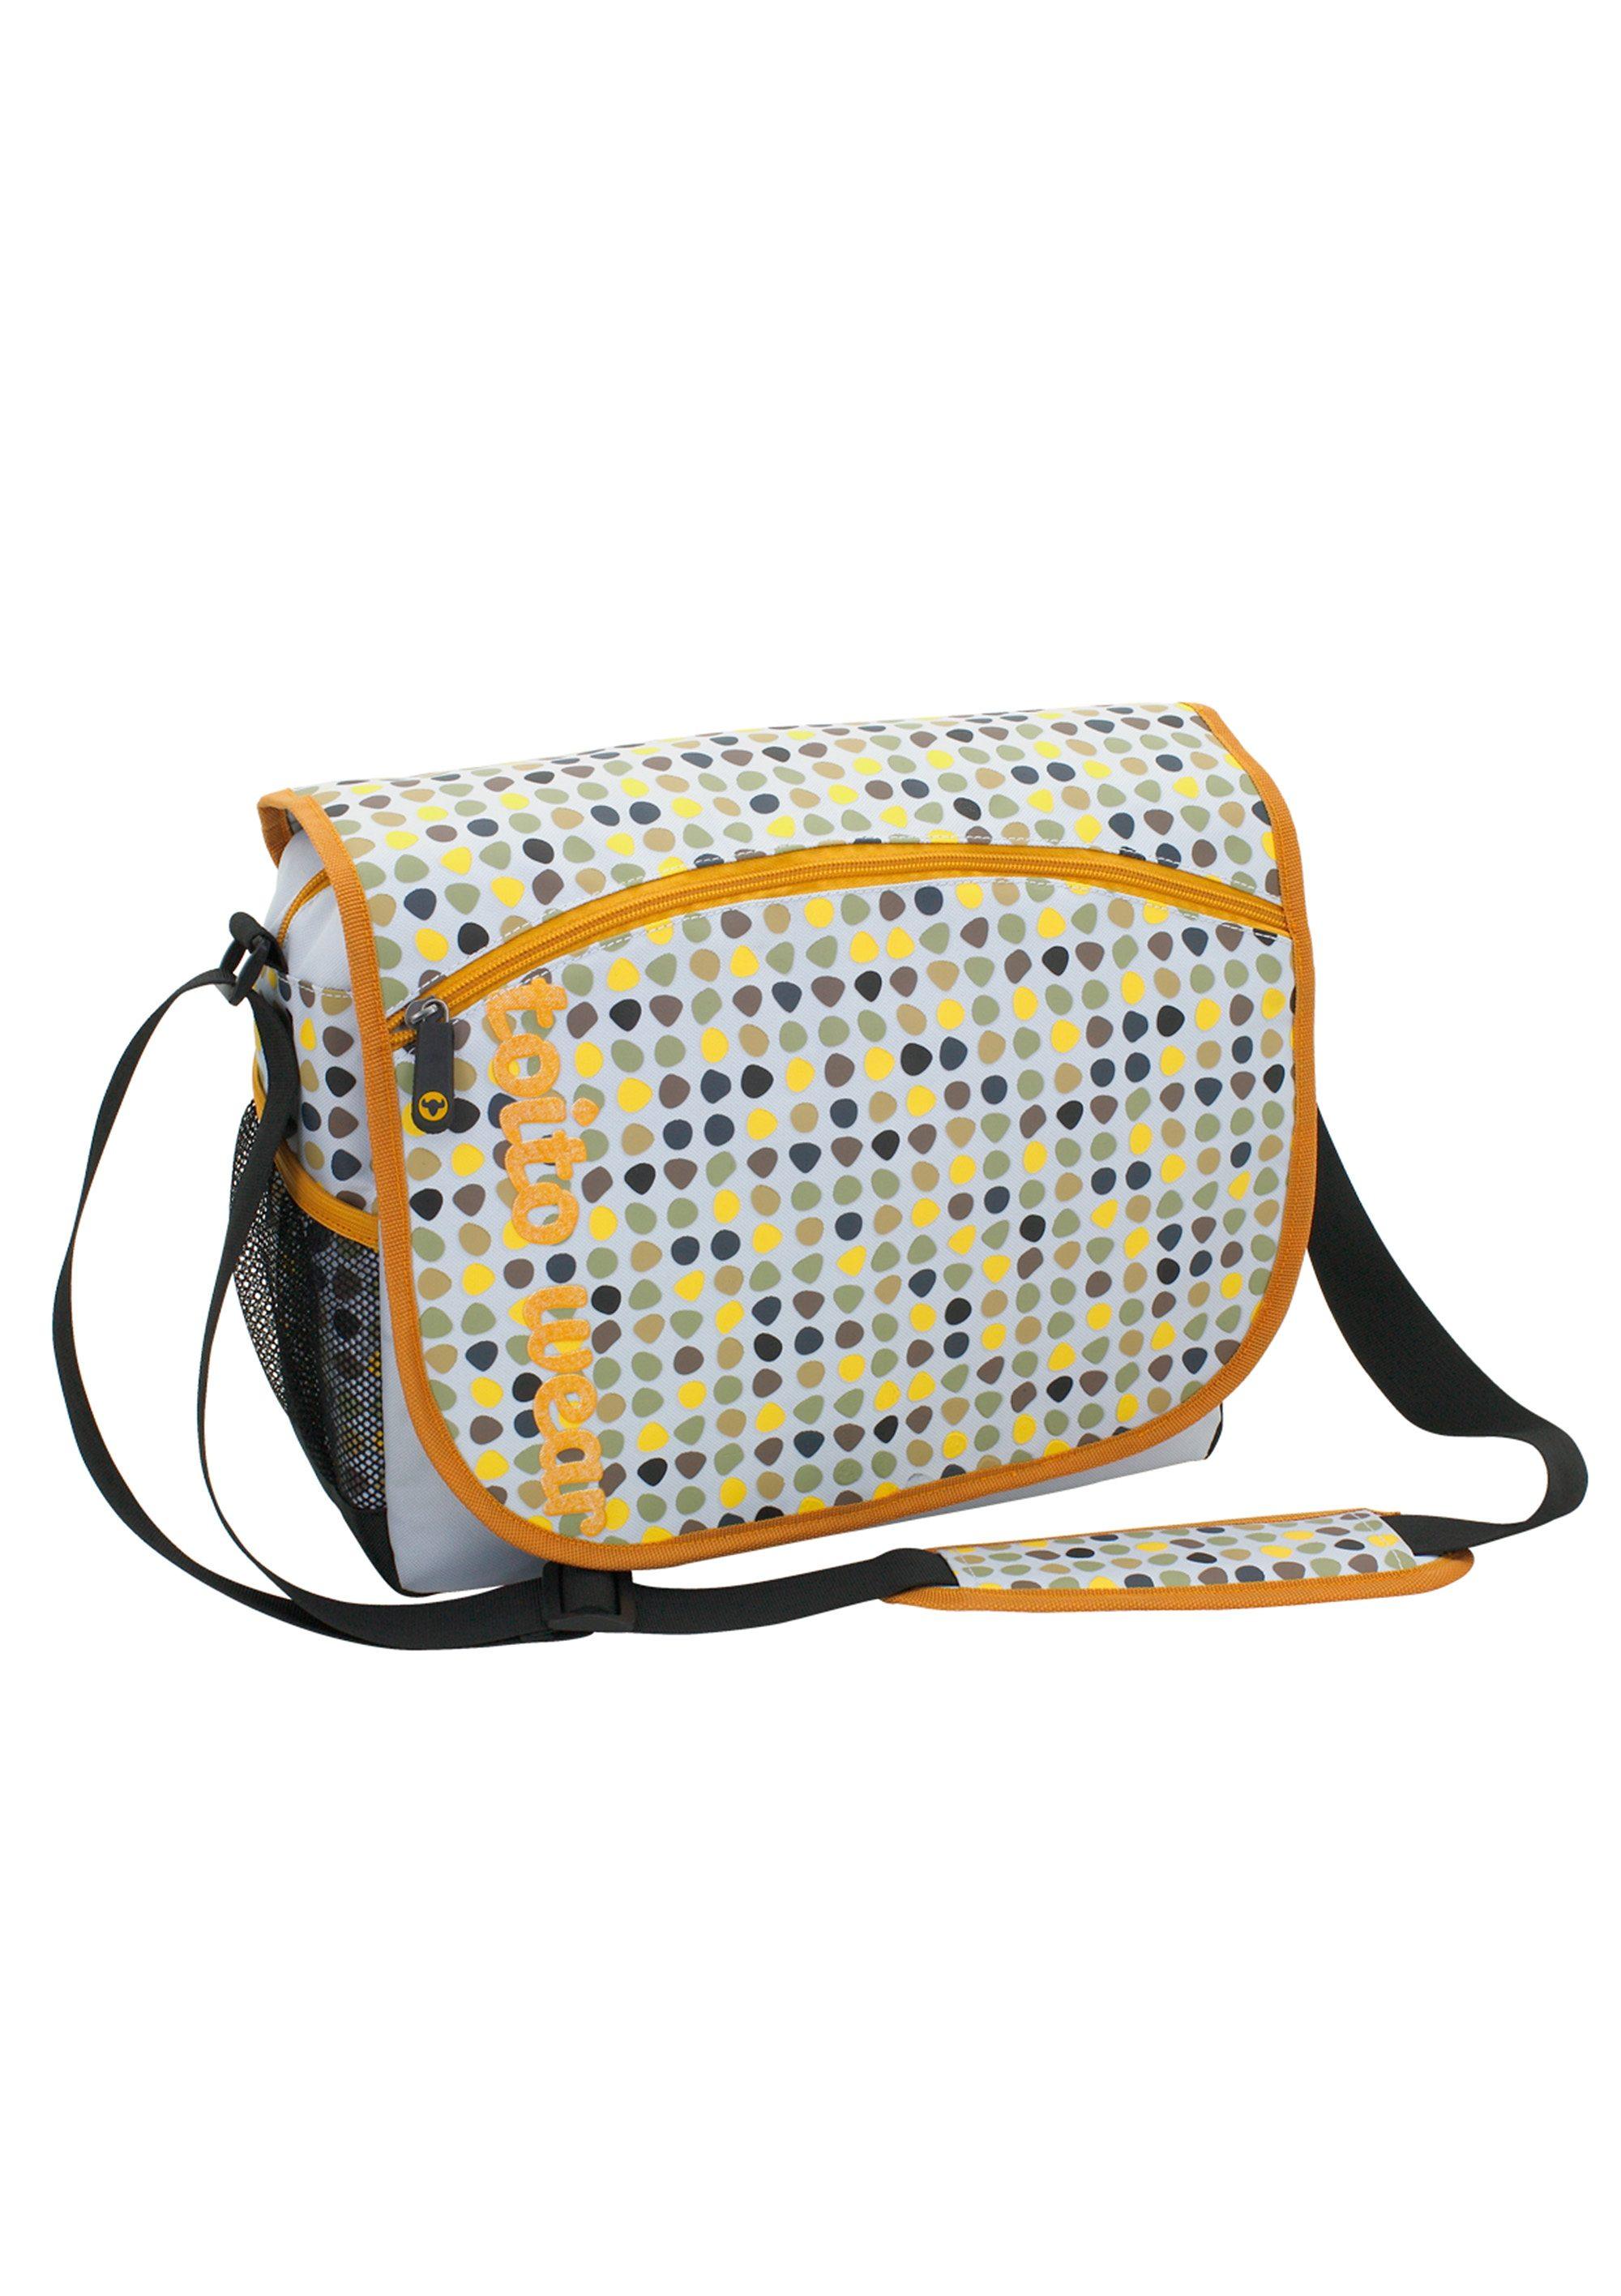 Umhängetasche mit Laptopfach, »Mosaik«, toito wear®